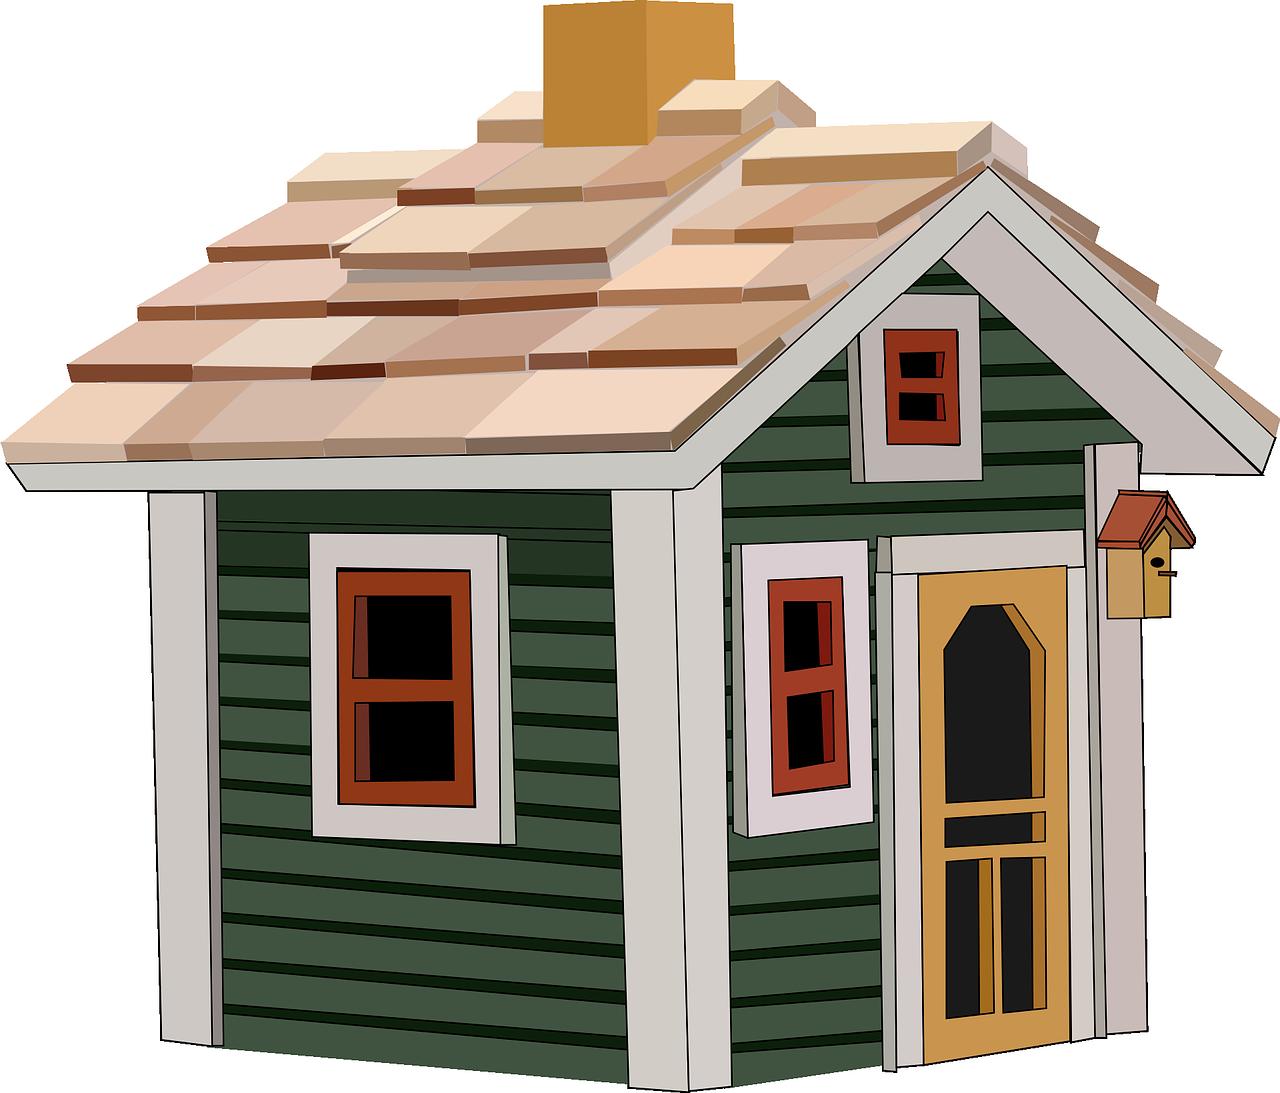 Cedar Siding and roof